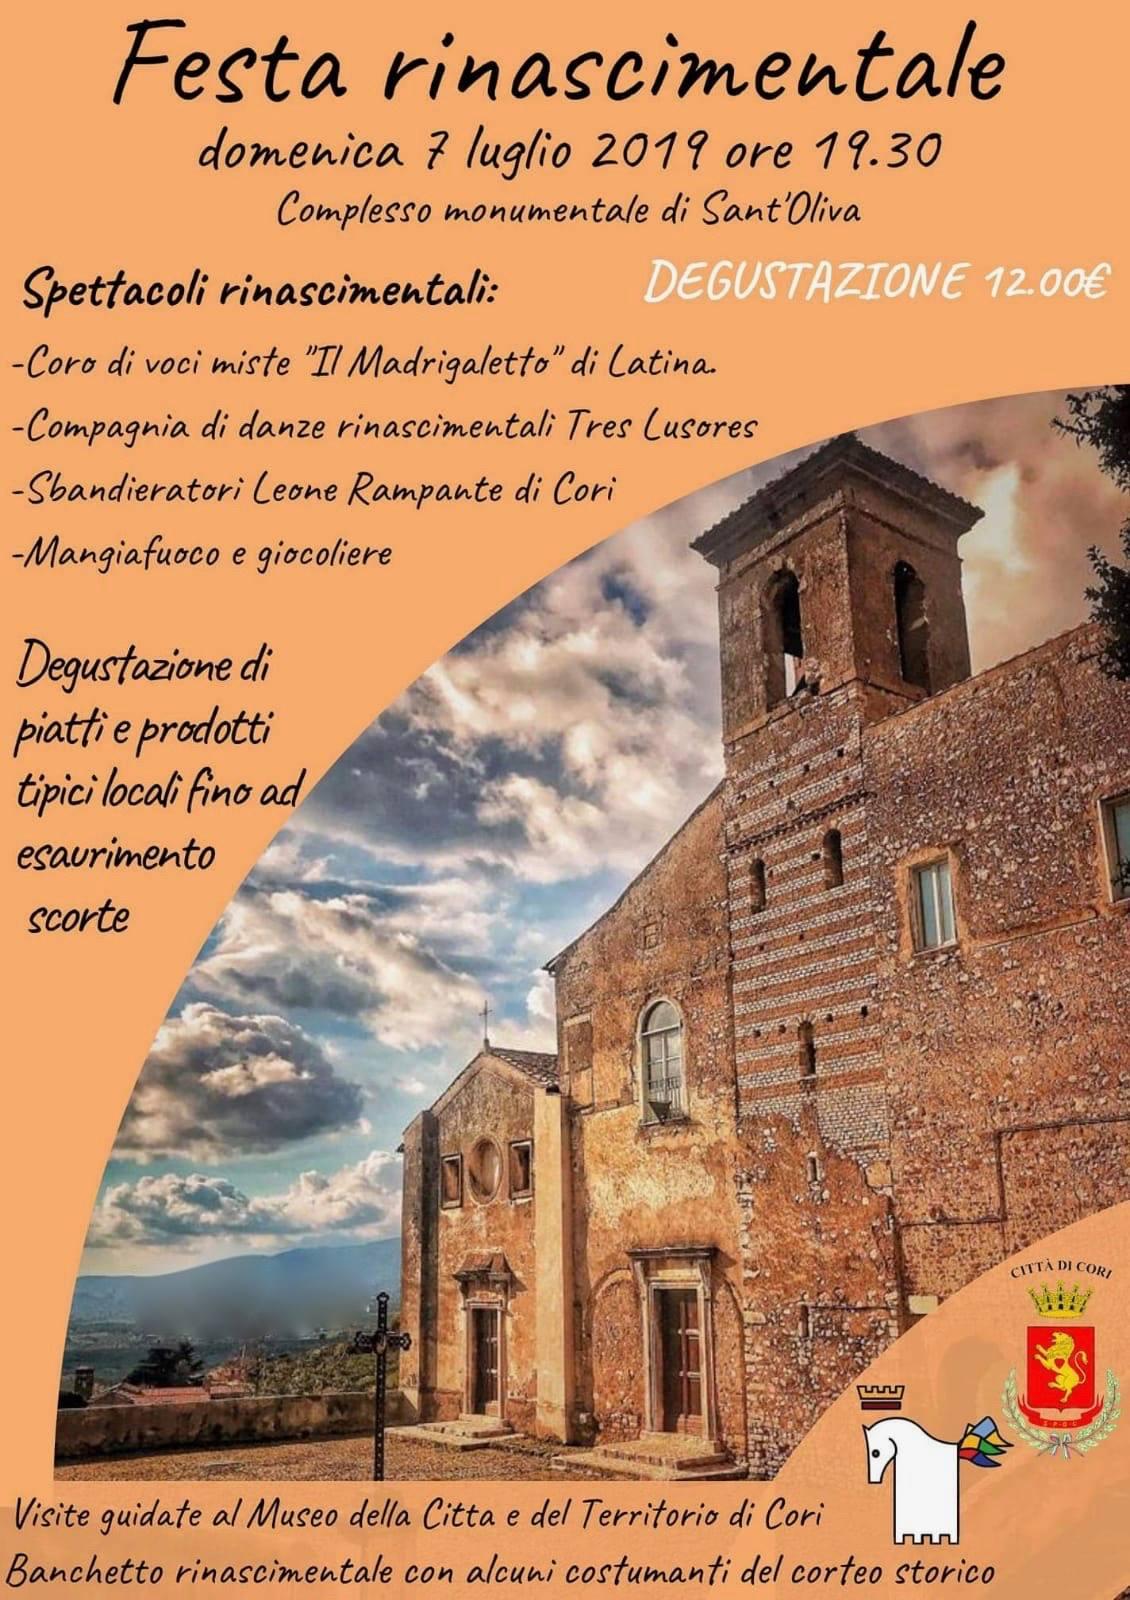 Cori: Festa rinascimentale @ complesso monumentale di Sant'oliva | Cori | Lazio | Italia